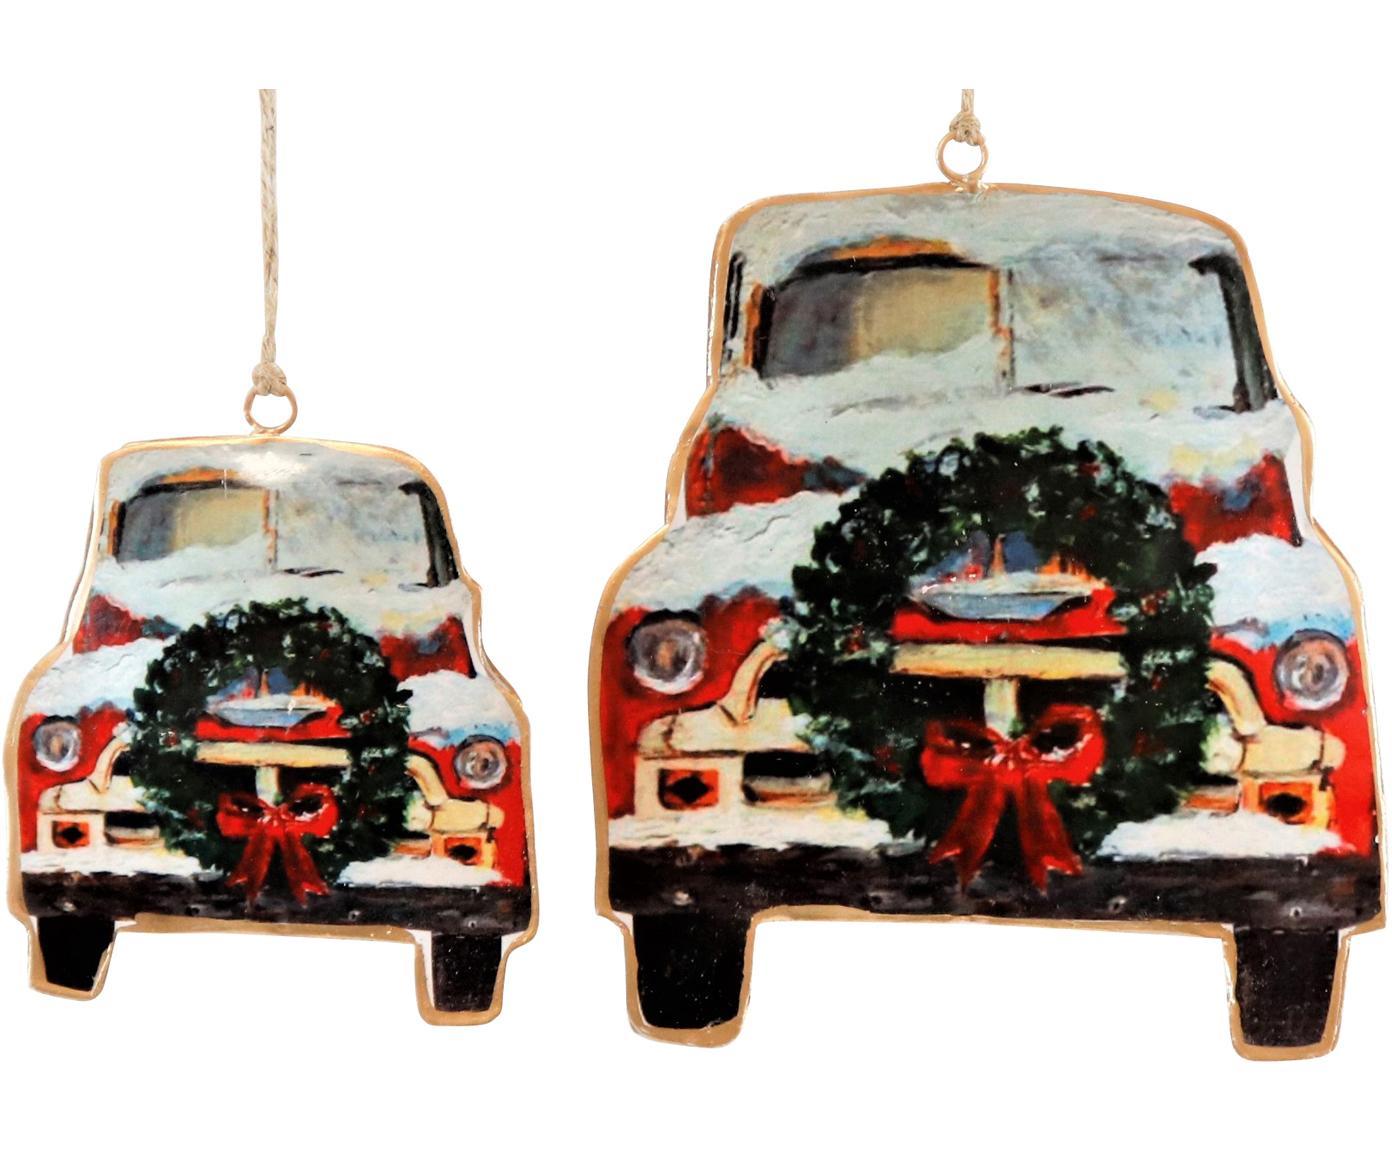 Baumanhänger-Set Cars, 2-tlg., Metall, Rot, Schwarz, Weiss, Verschiedene Grössen